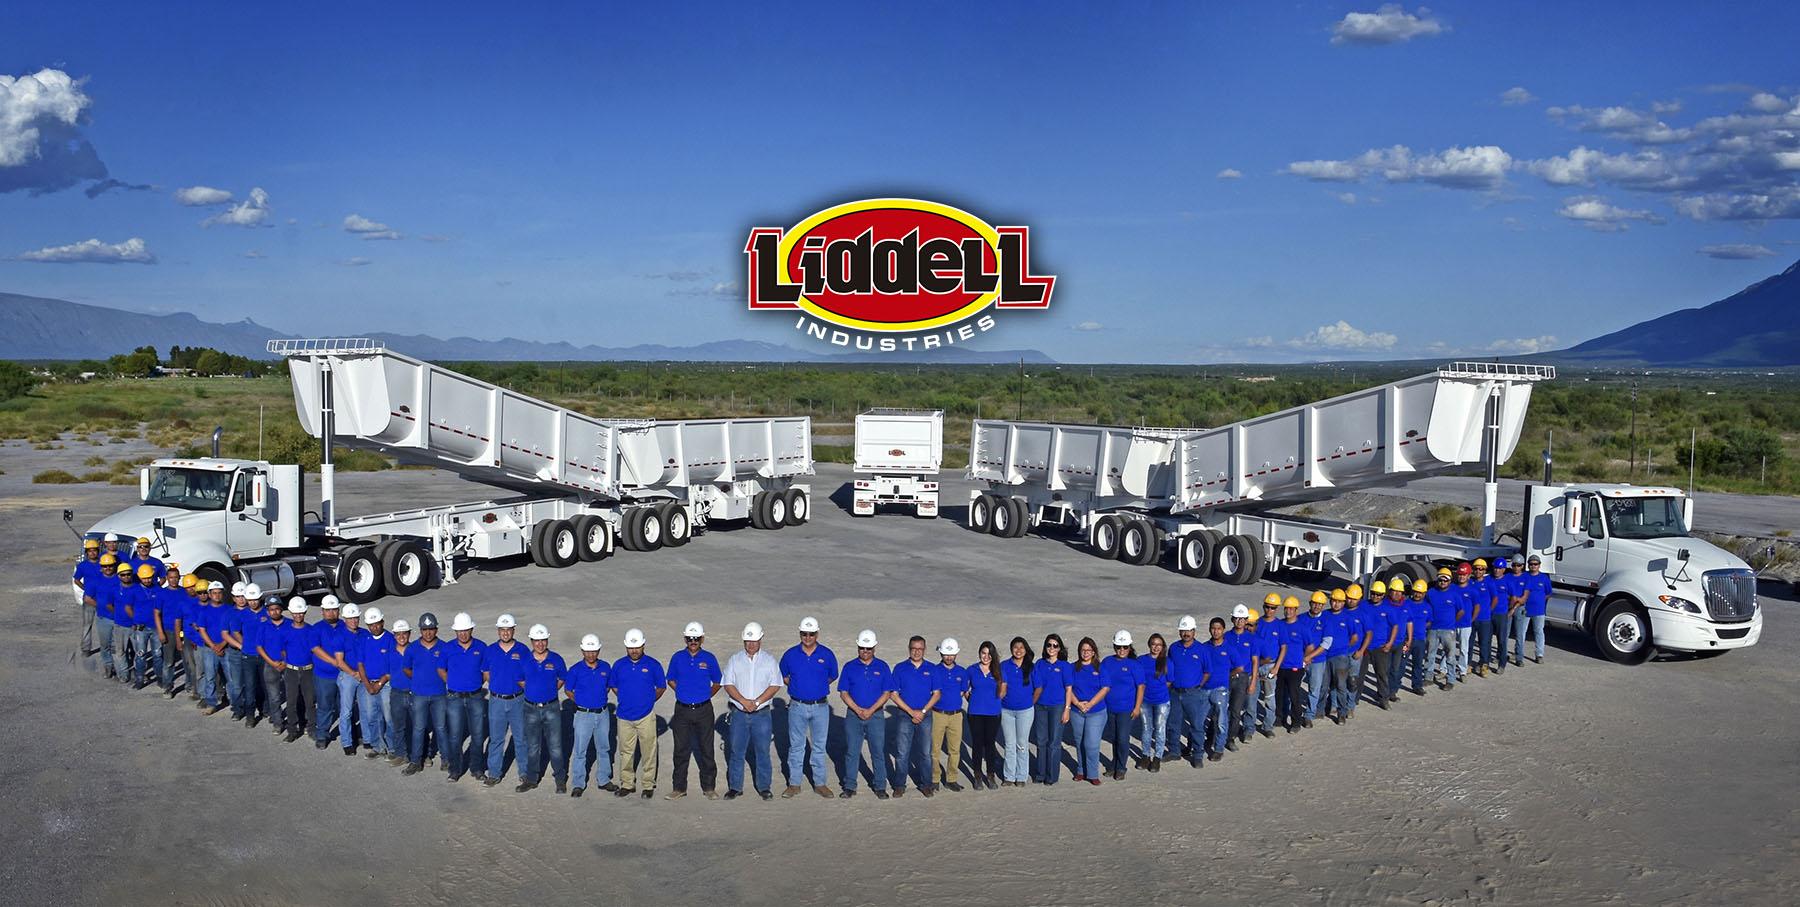 Liddell -  Liddell México